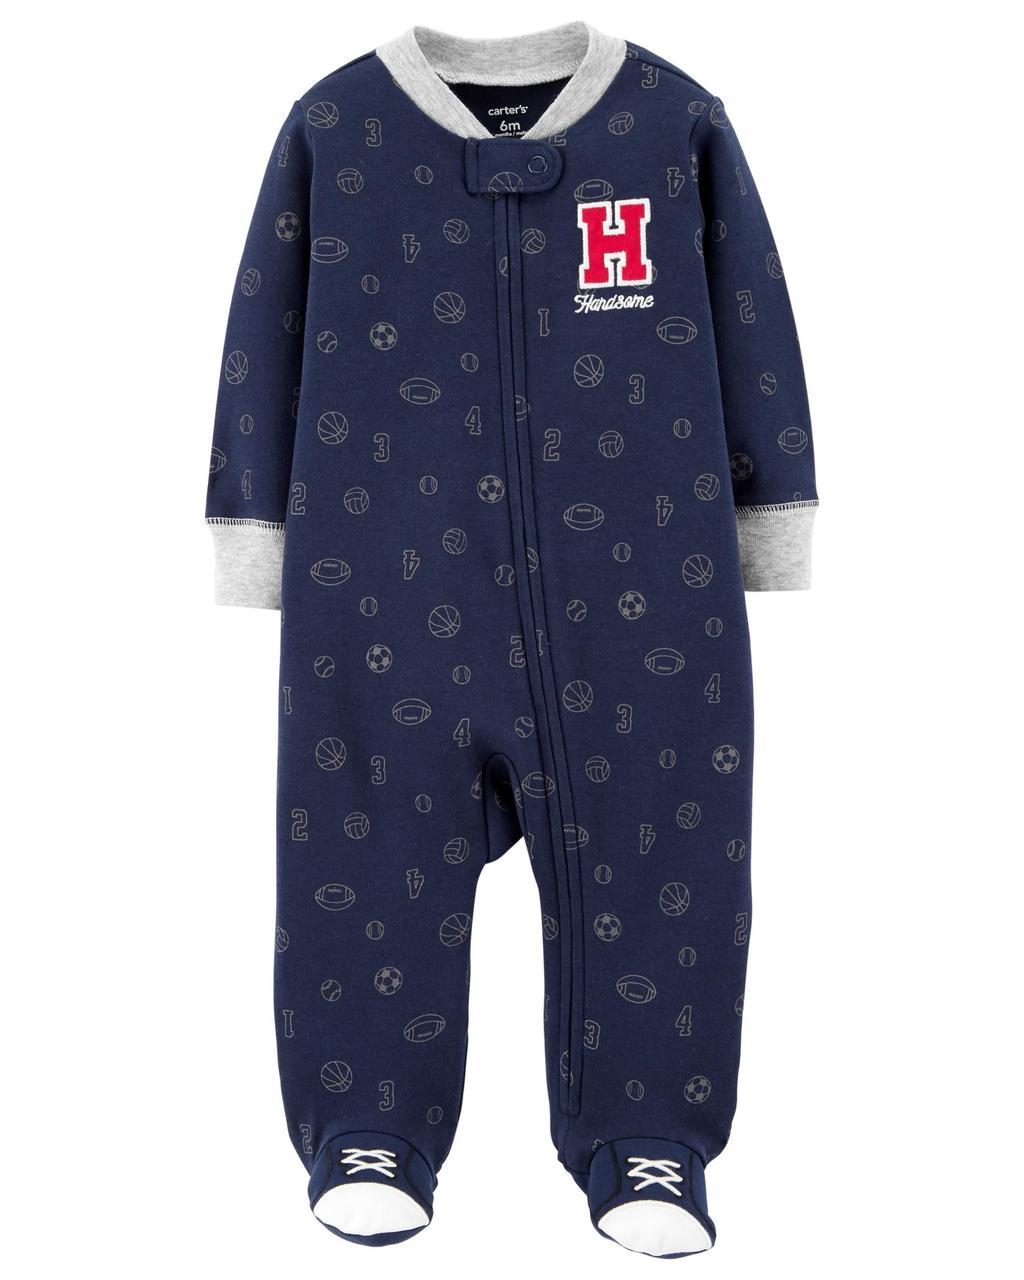 Человечки-слипы Картерс хлопковые для новорожденных мальчиков 3-6-9 мес. Спорт&HANDSOME Carters (США)